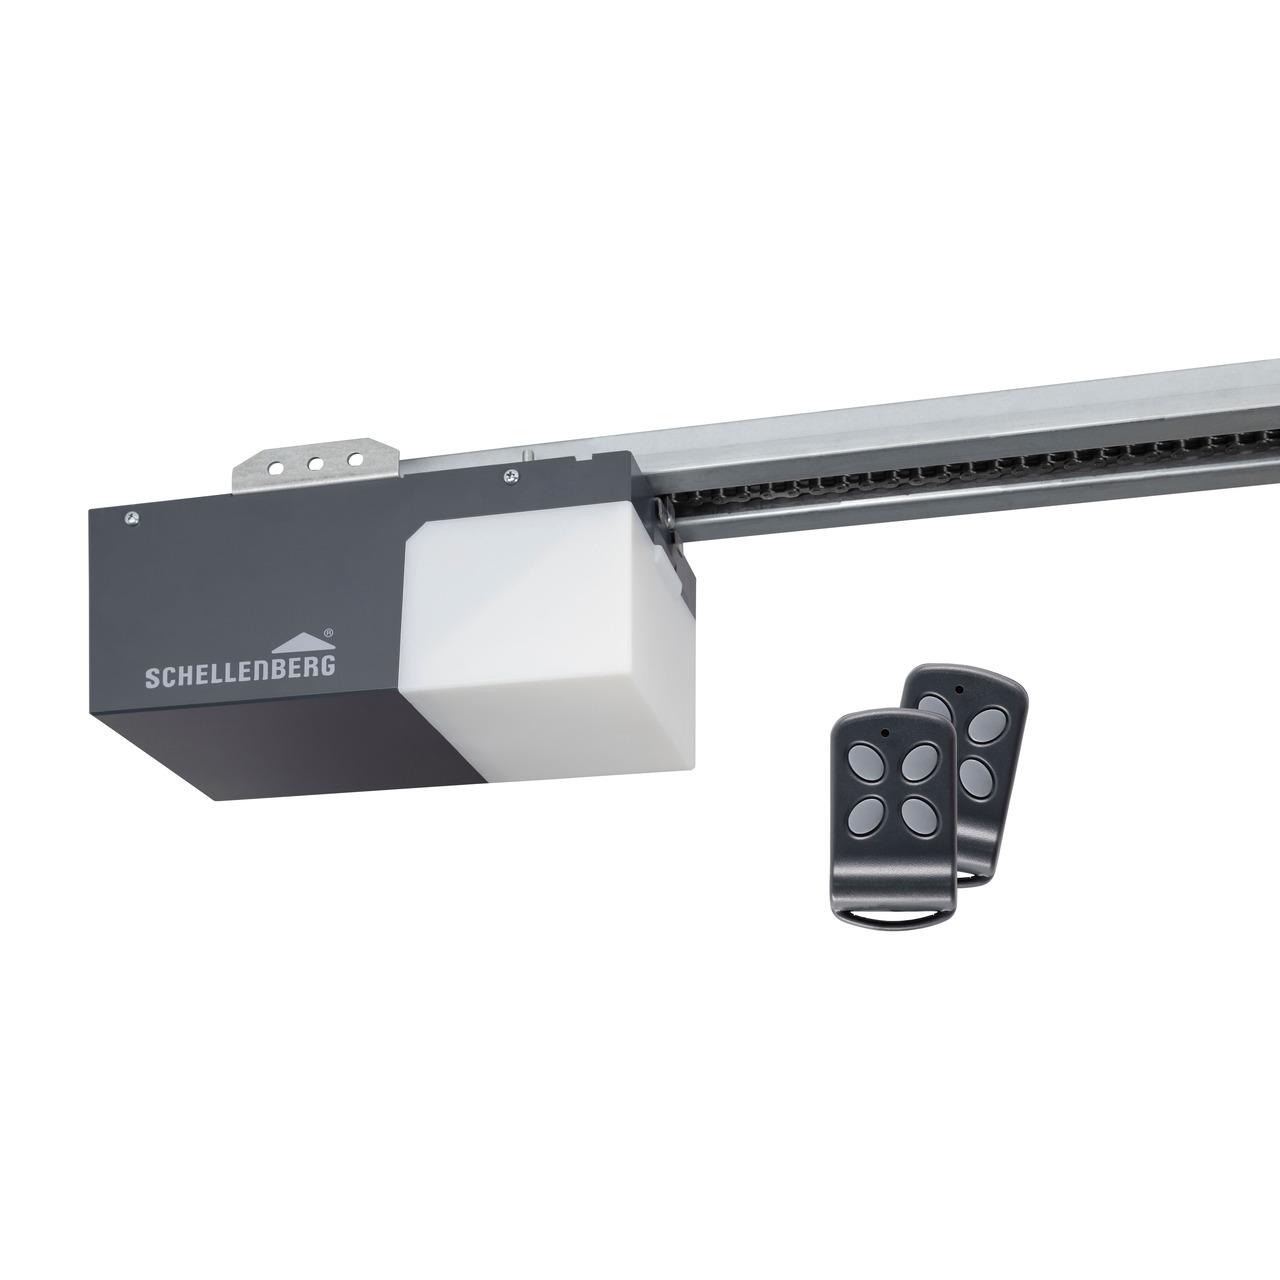 Schellenberg Garagentorantrieb DRIVE Action- 500 N- 433-92 MHz